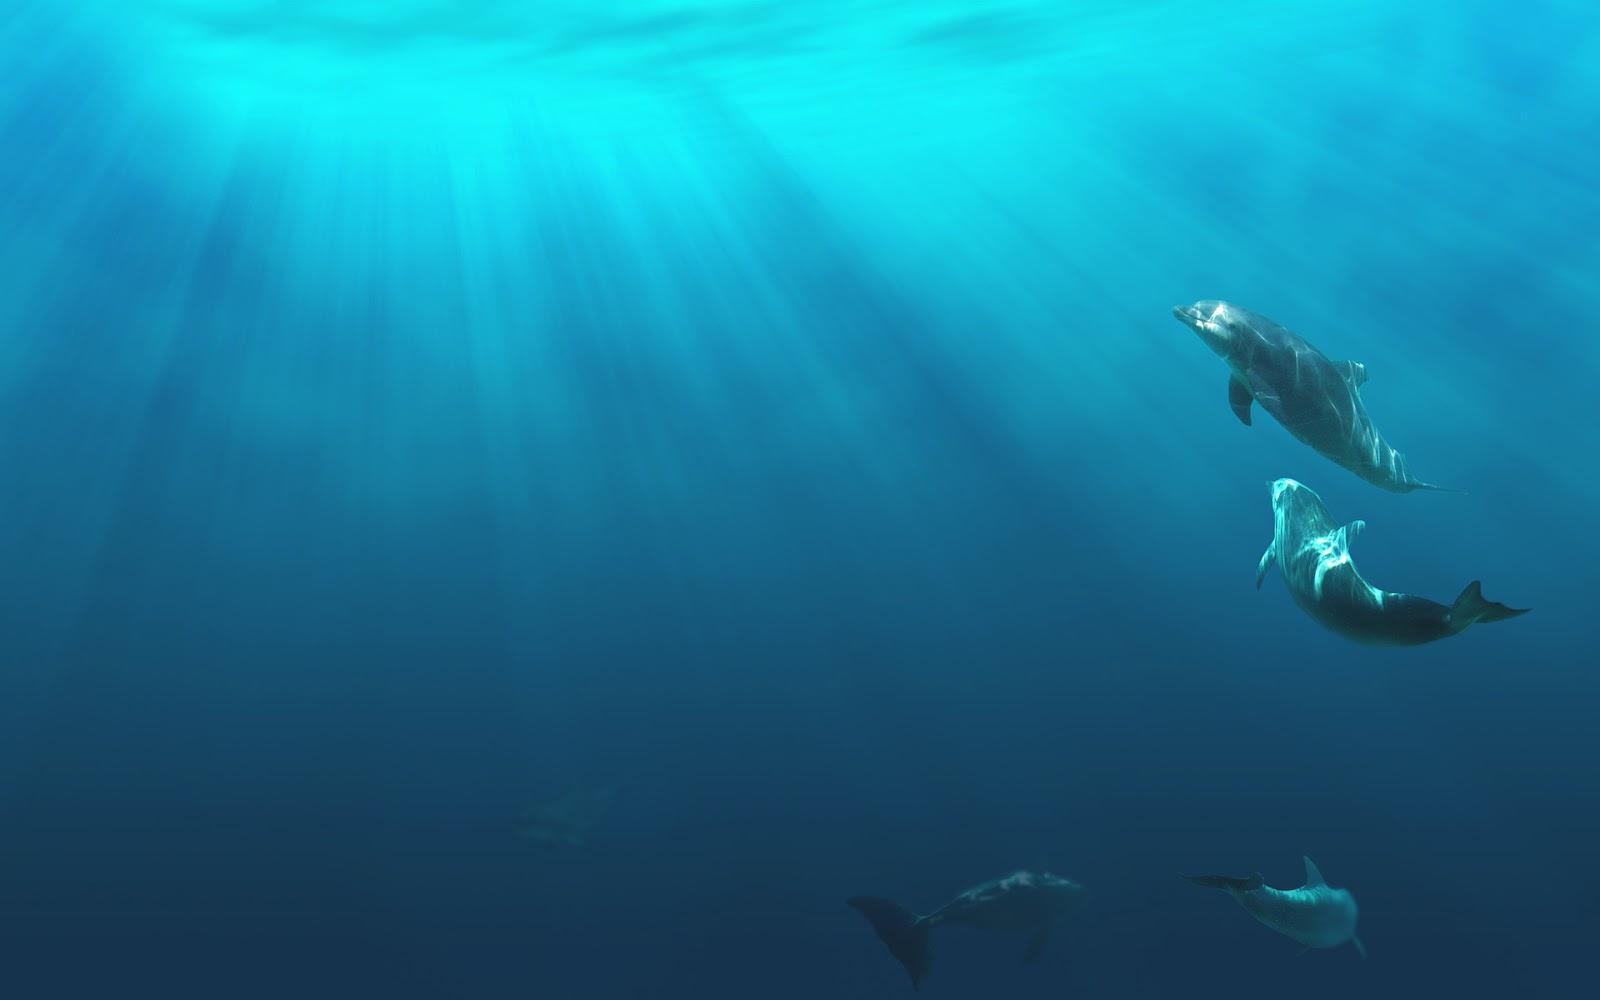 http://1.bp.blogspot.com/-41o9L2FENy4/UC0xi3oLGPI/AAAAAAAAFIs/z6_DMImF86g/s1600/hd-dolfijnen-wallpaper-met-onderwater-zwemmende-dolfijnen-achtergrond-foto.jpg